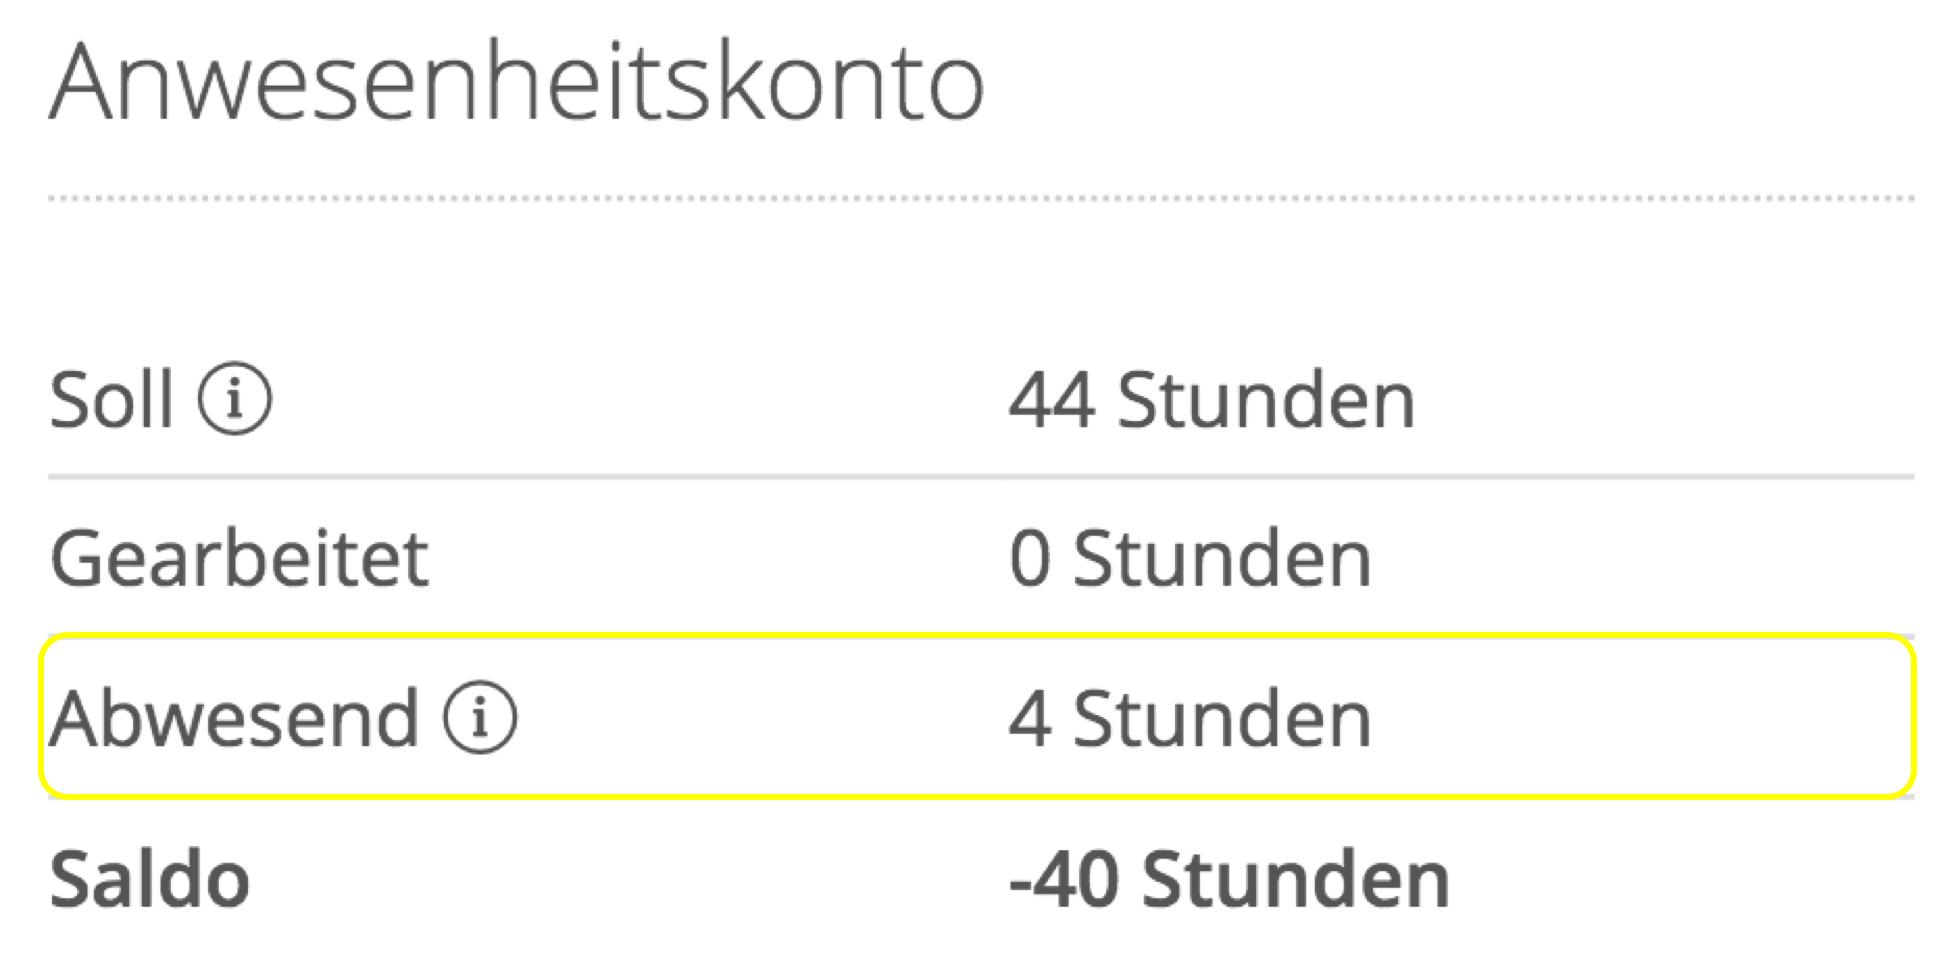 overtime-absence-period-attendance-balance_de.png